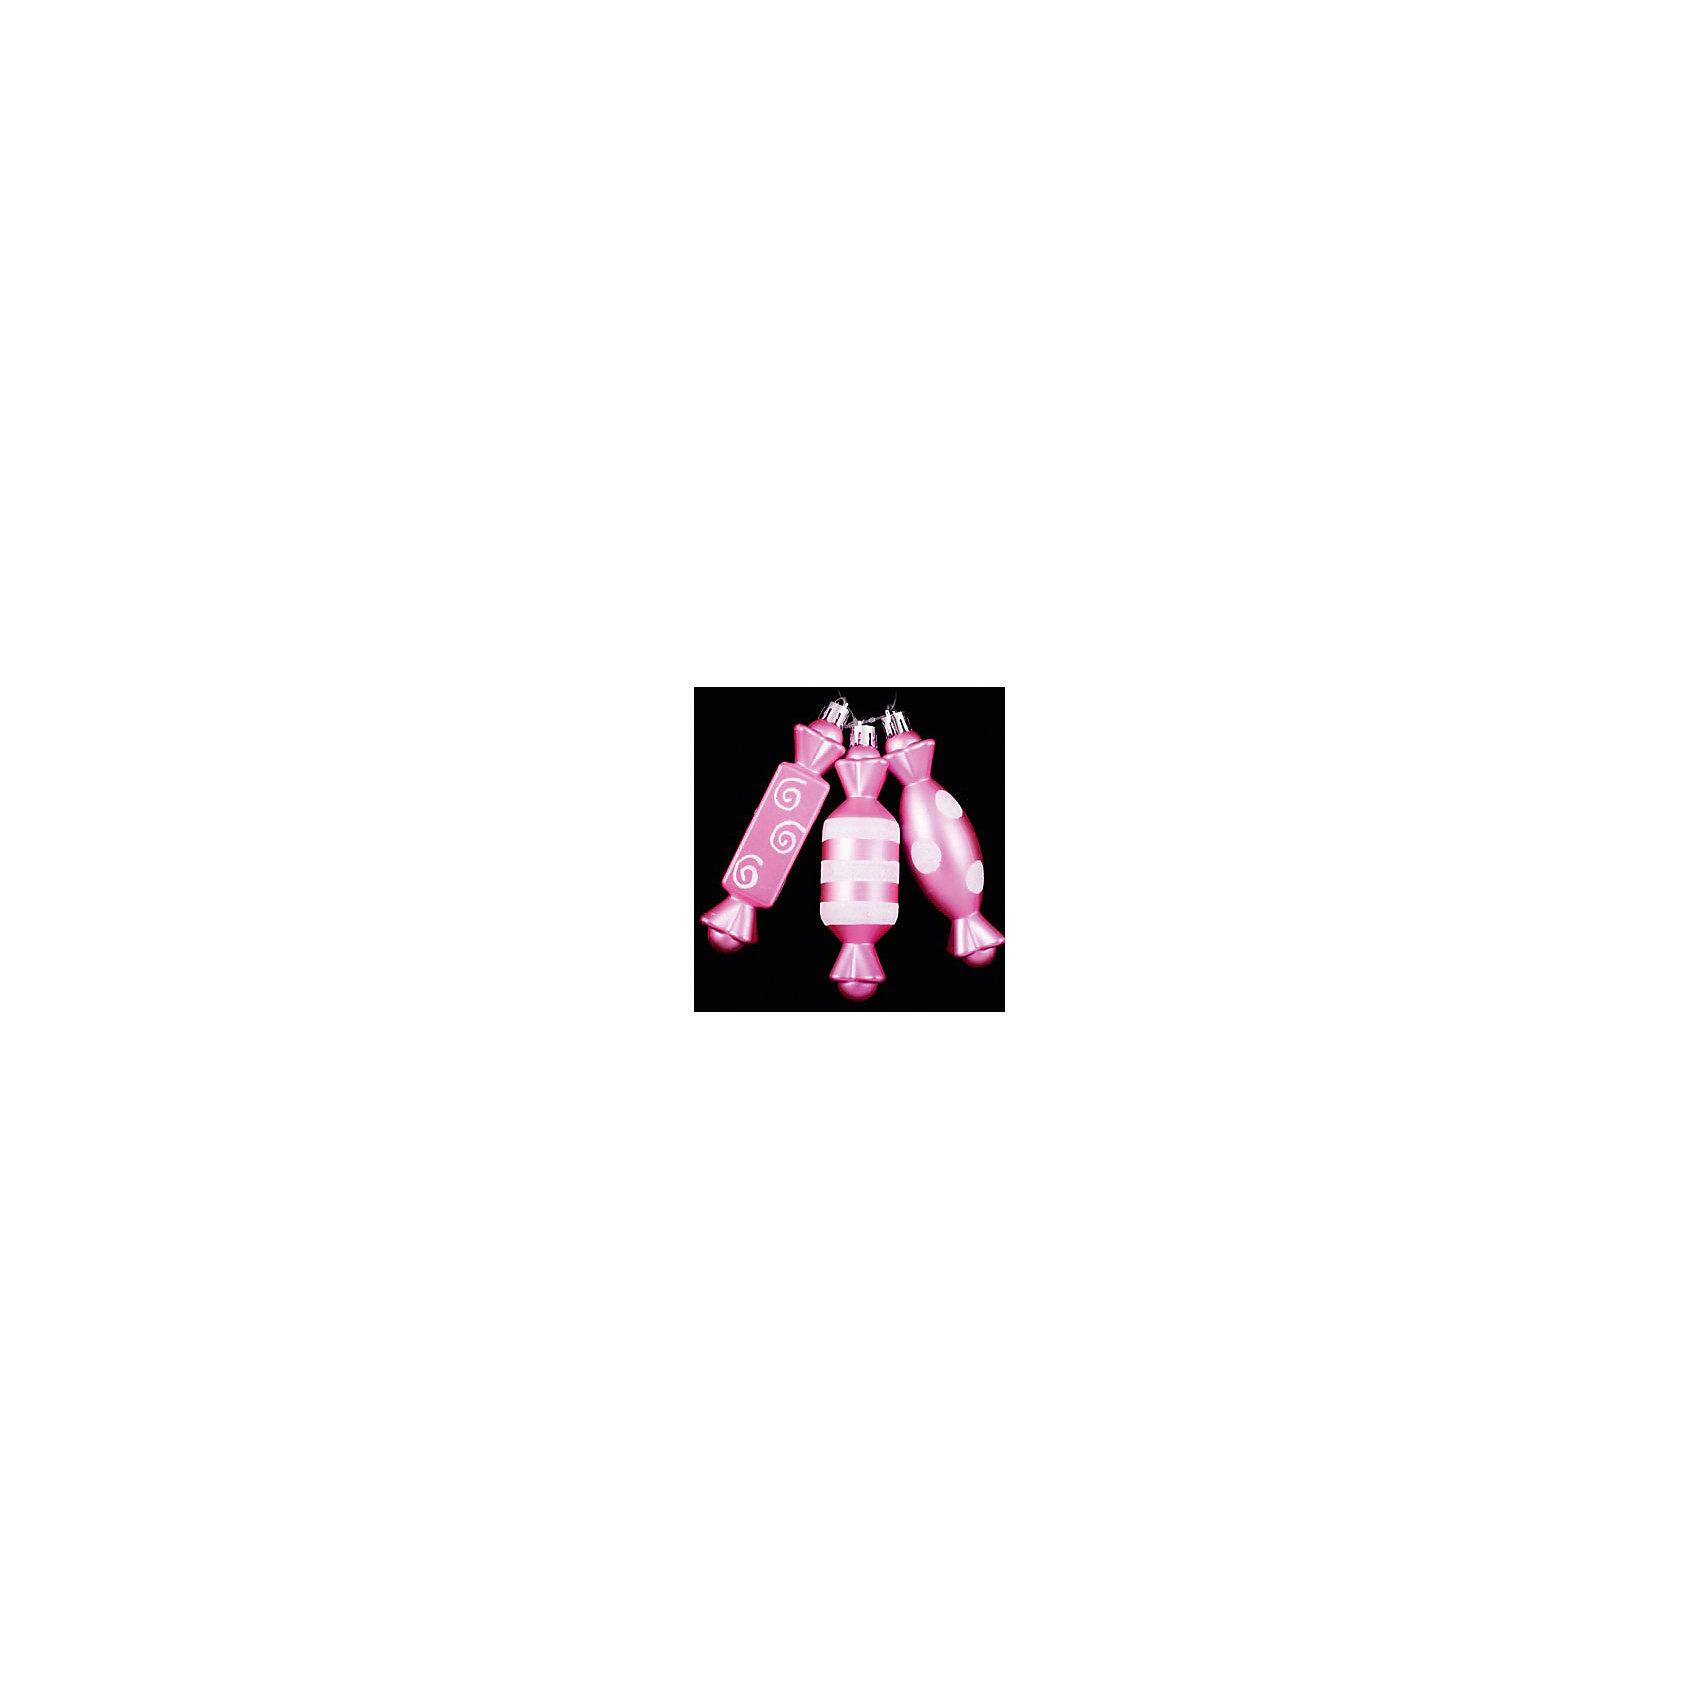 ёл. укр. набор конфет 3шт.PINK DREAMS 12см, розов.Ёлочные игрушки<br>Новогодние  и елочные украшения, в т.ч. пластиковые шары, украшения фигурные, изображающие представителей флоры, фауны, сказочных персонажей, верхушки, бусы, ветки, бантики, гирлянды и фонарики  (без подключения к сети переменного тока), конфетти, мишура, дождик, серпантин,  панно, венки, ели, ленты декоративные<br><br>Ширина мм: 120<br>Глубина мм: 40<br>Высота мм: 120<br>Вес г: 39<br>Возраст от месяцев: 36<br>Возраст до месяцев: 2147483647<br>Пол: Унисекс<br>Возраст: Детский<br>SKU: 4418941